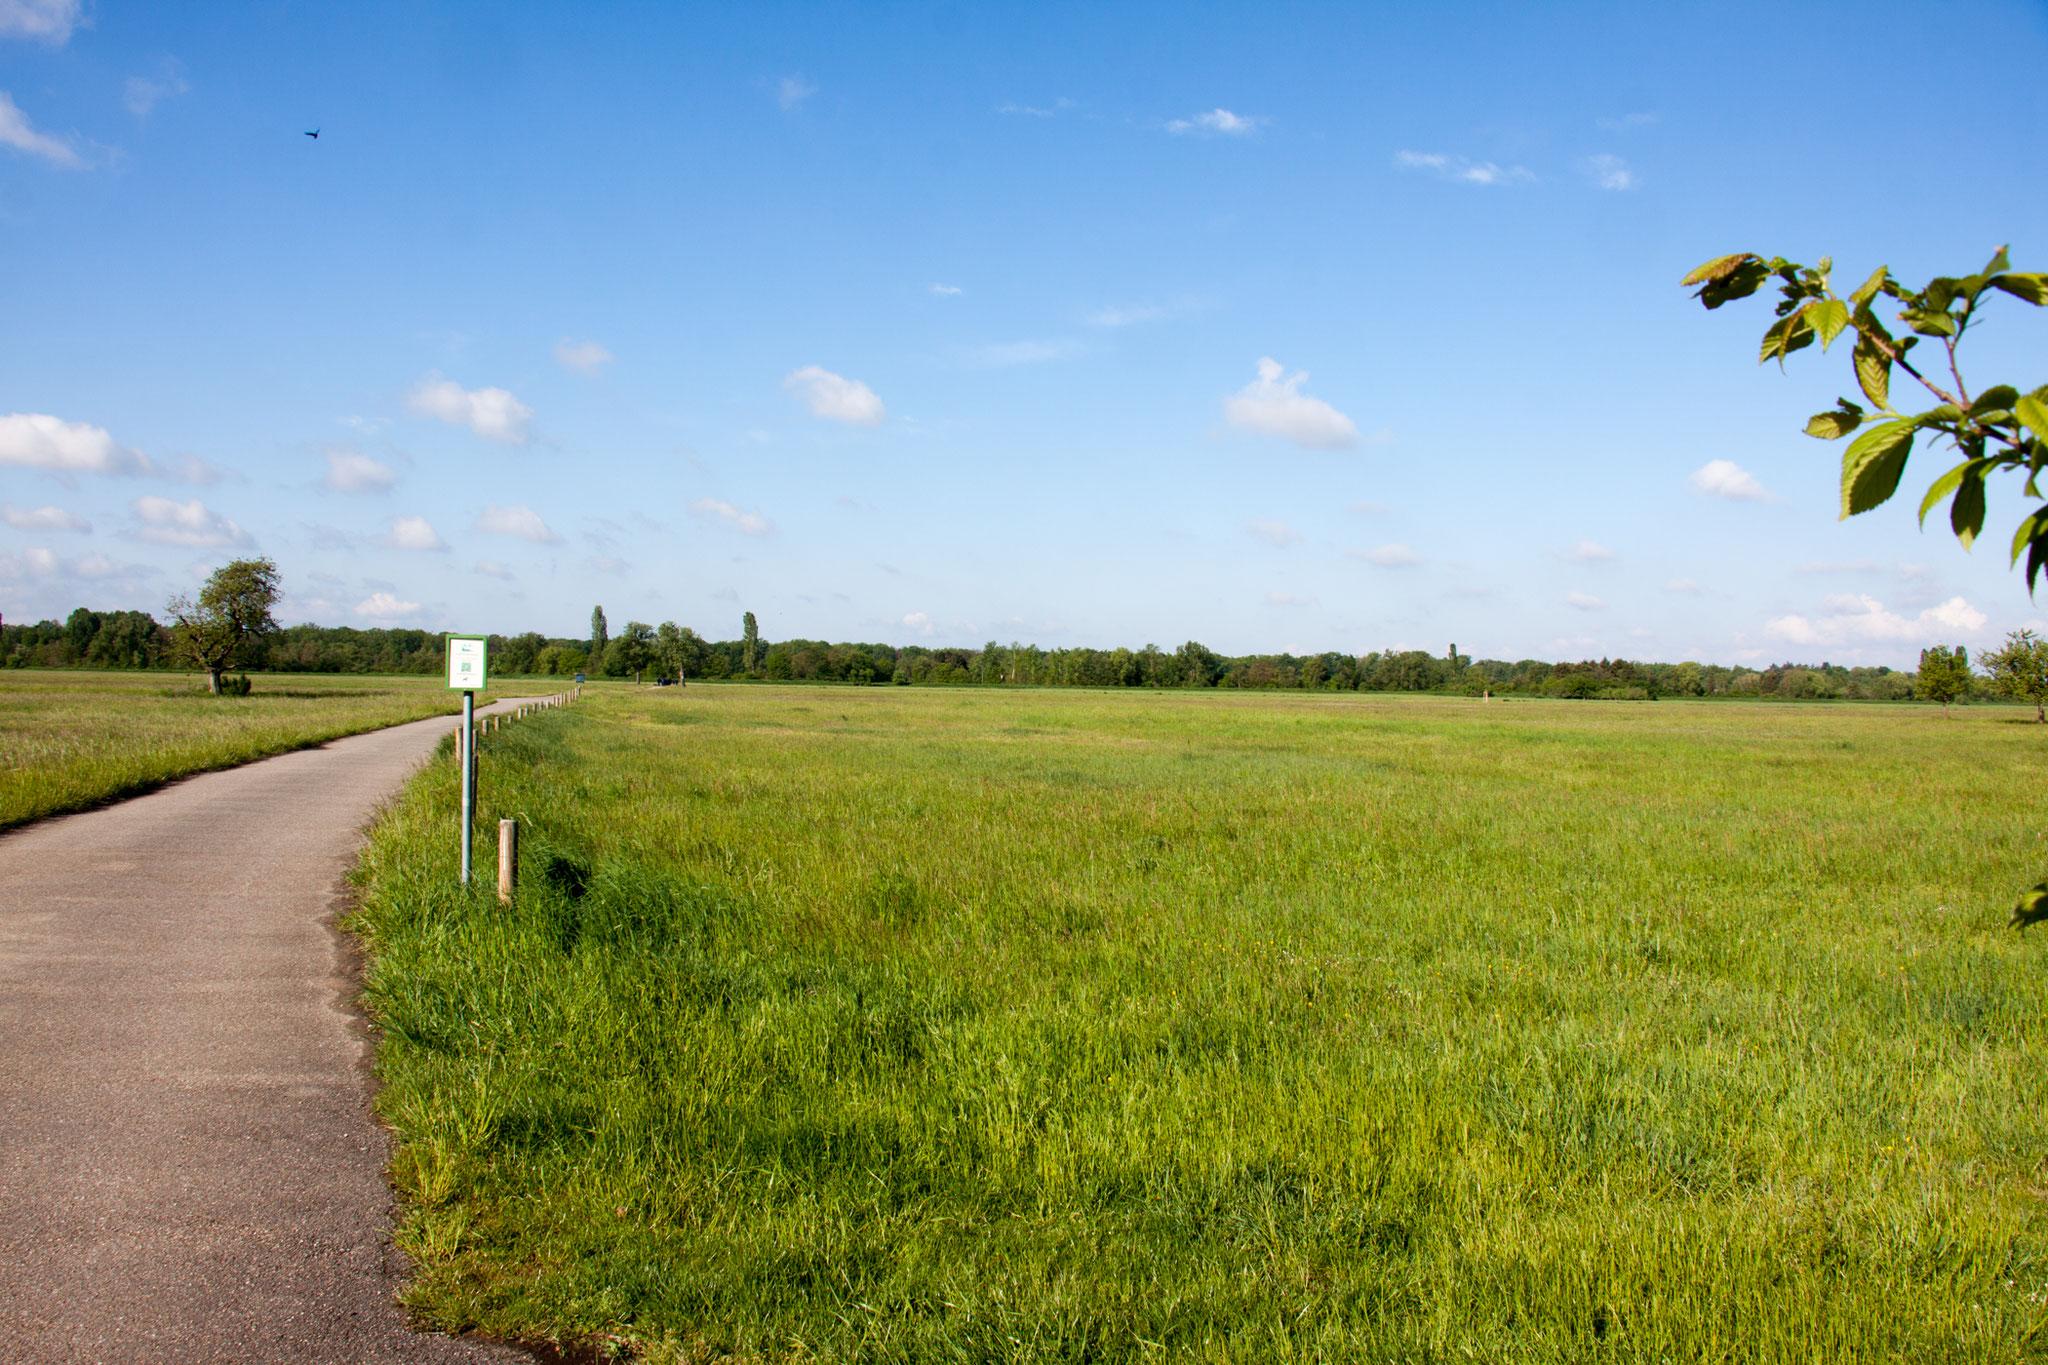 Größte zusammenhängende Wiesenfläche im nordbadischen Raum